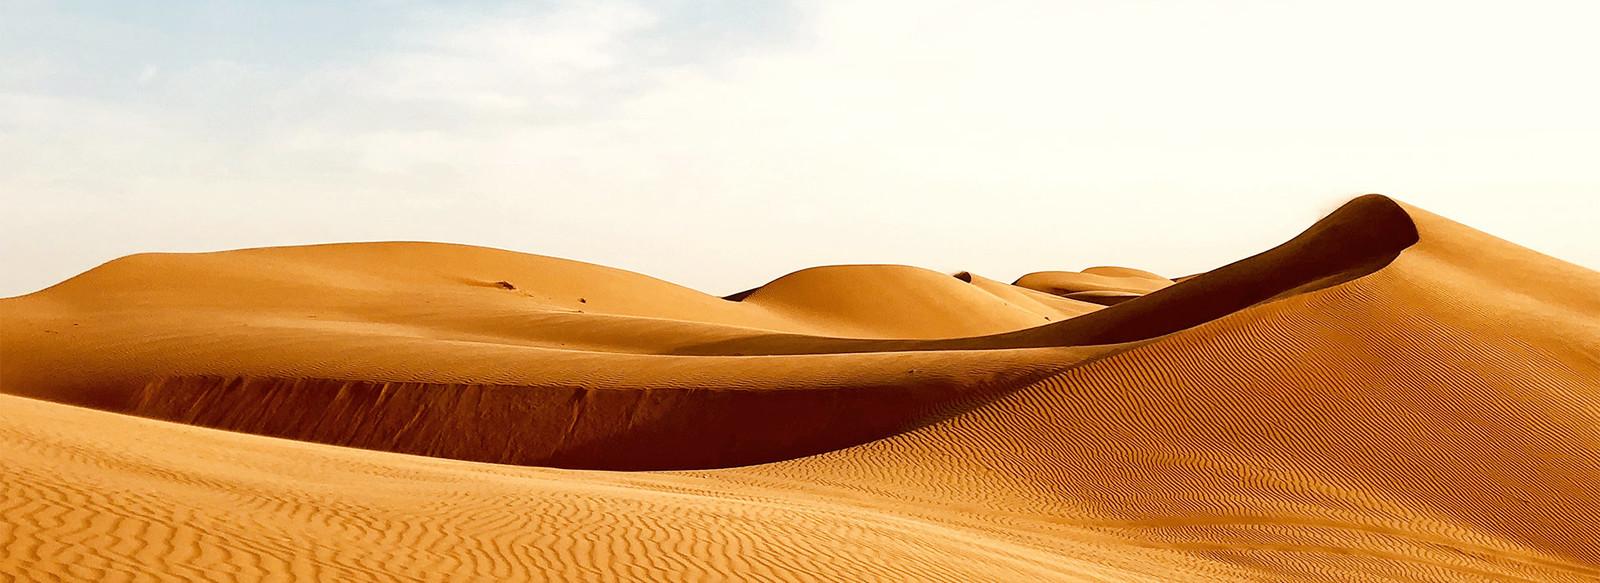 Attraversa l'Oman dal deserto all'Oceano